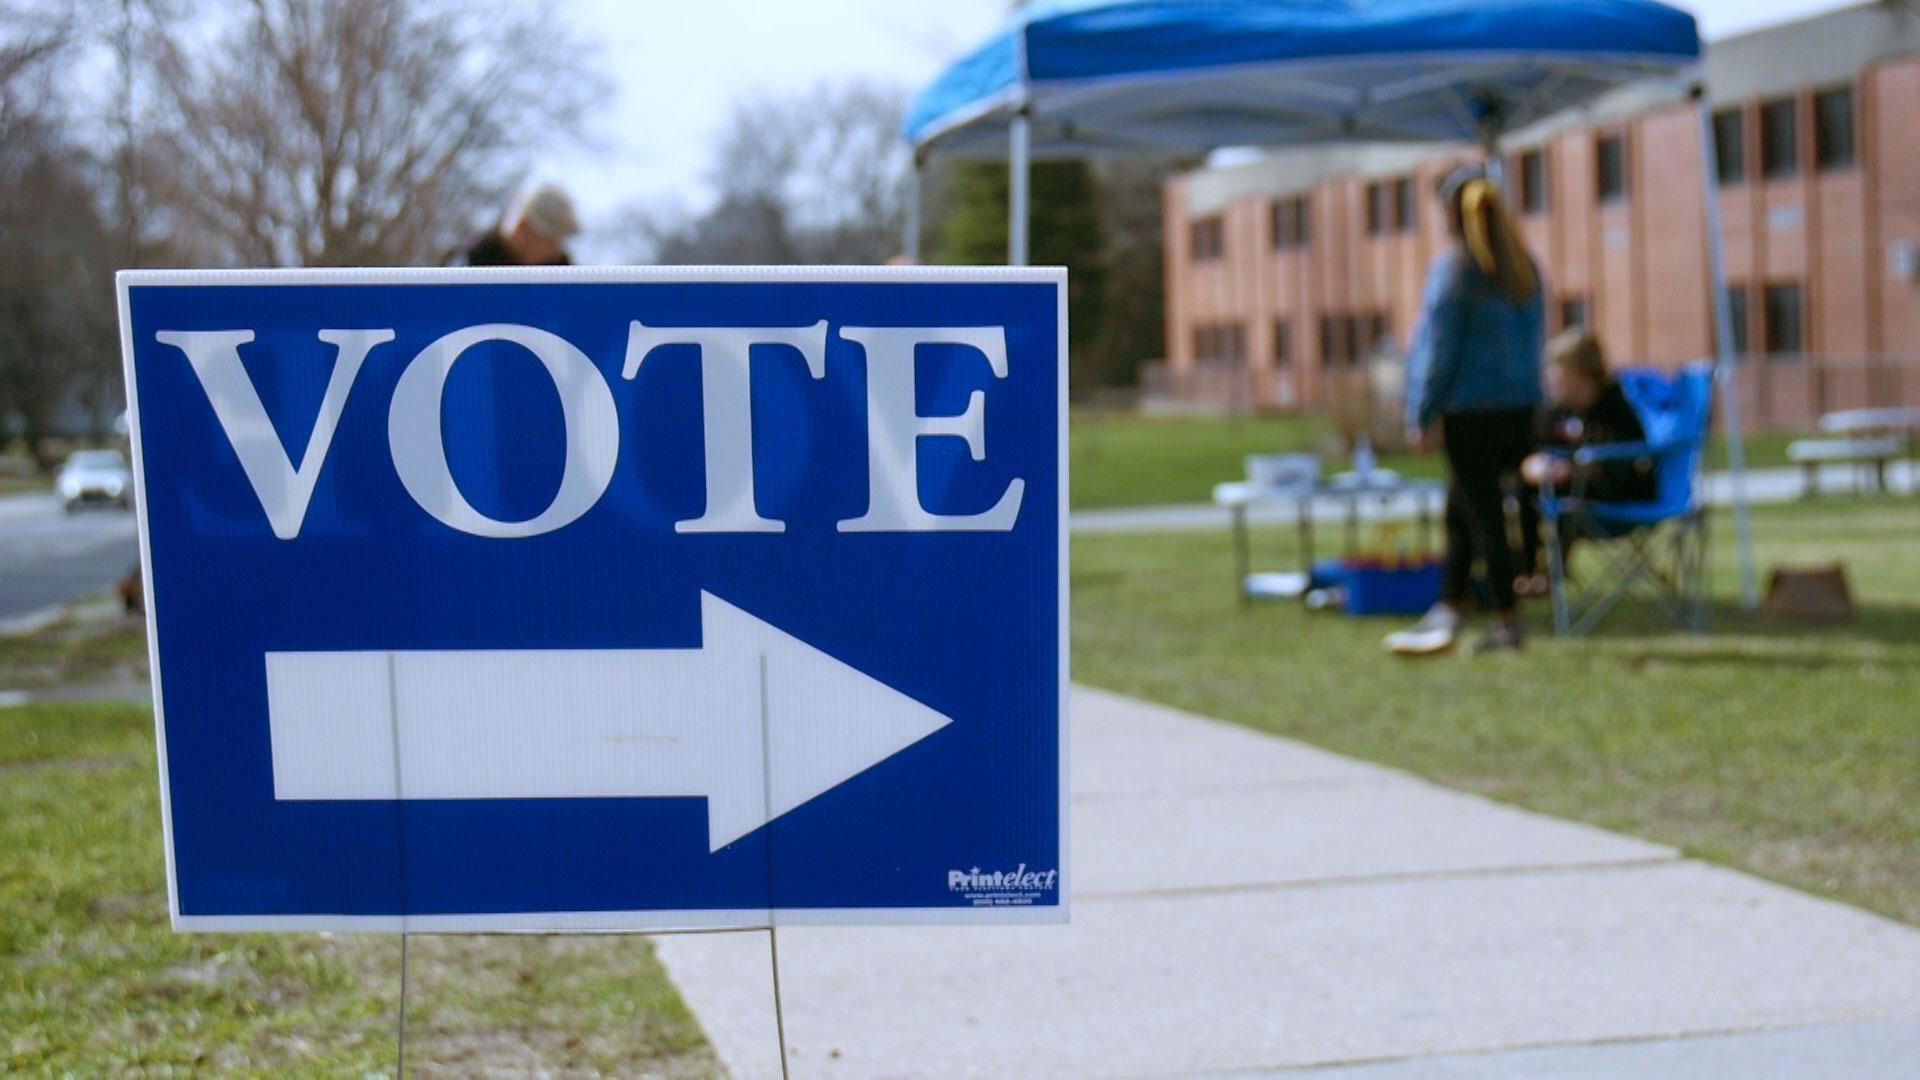 Mỹ Bang Wisconsin tiến hành bầu cử bất chấp dịch COVID-19